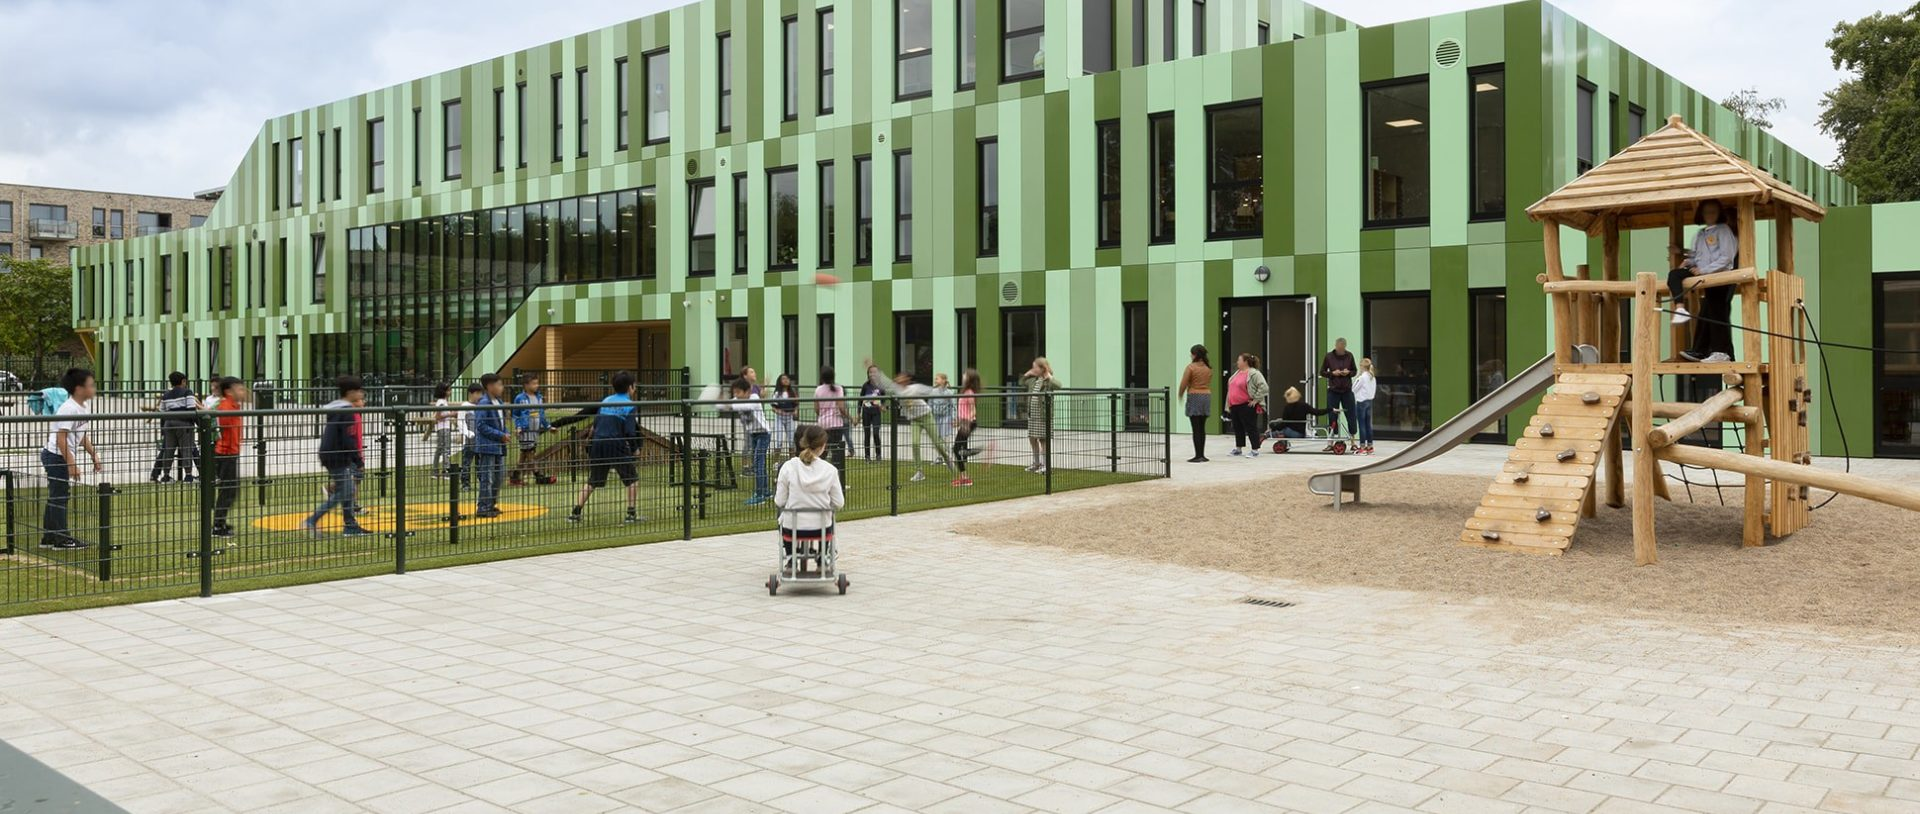 Nieuws Een verplaatsbare school die permanent voelt onderwijs school min